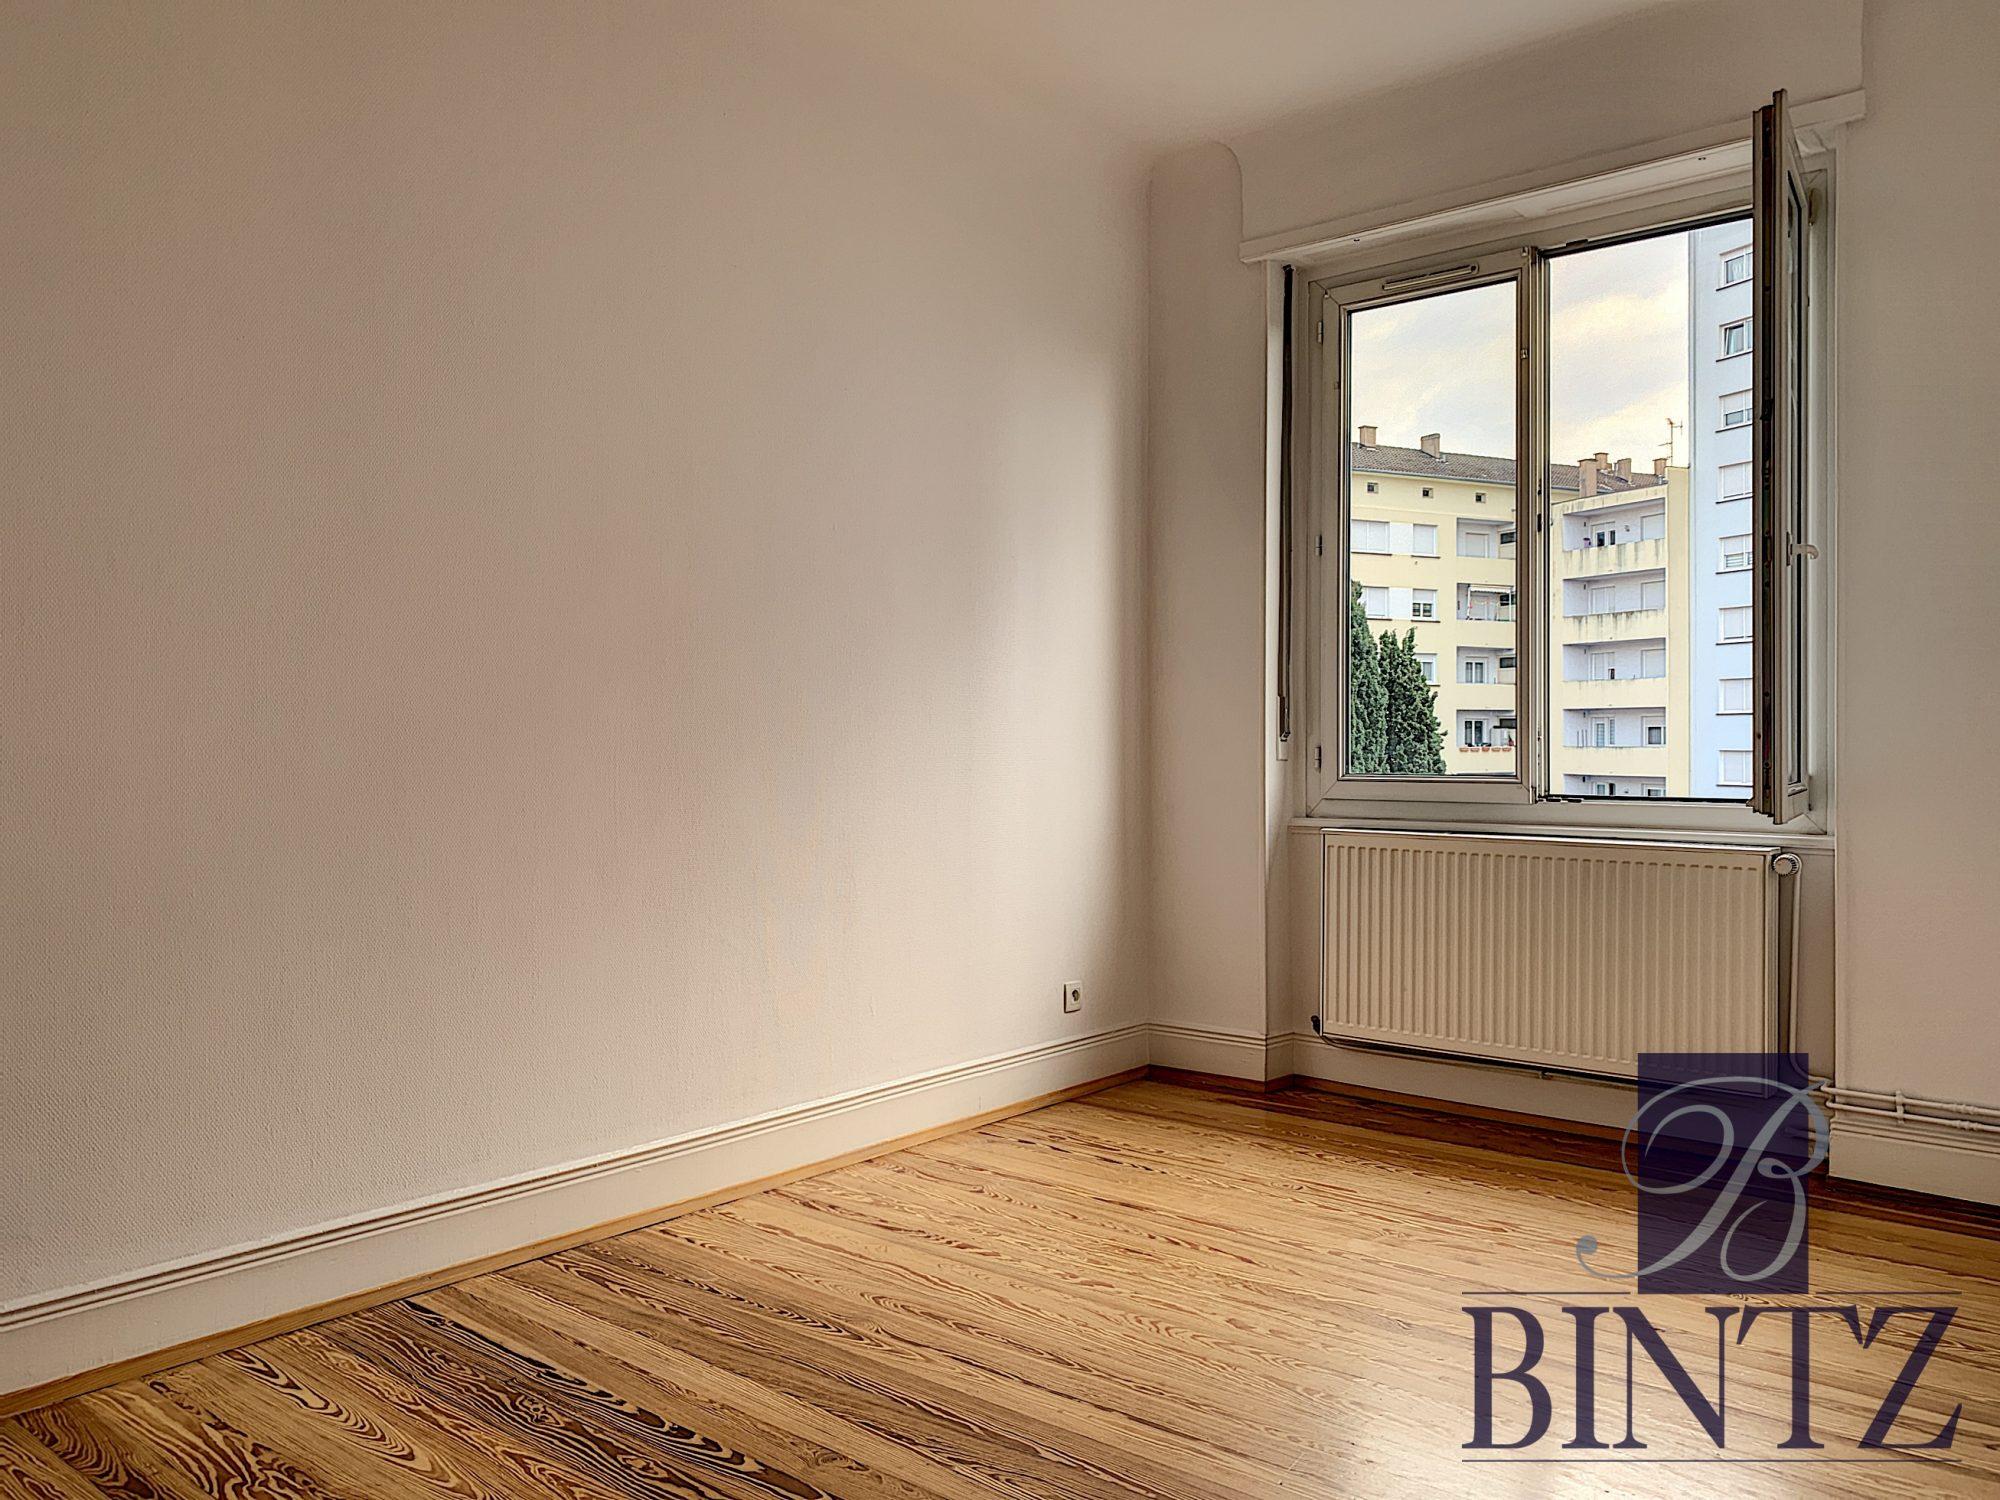 GRAND 5 PIÈCES RÉNOVÉ À NEUDORF - Devenez locataire en toute sérénité - Bintz Immobilier - 6